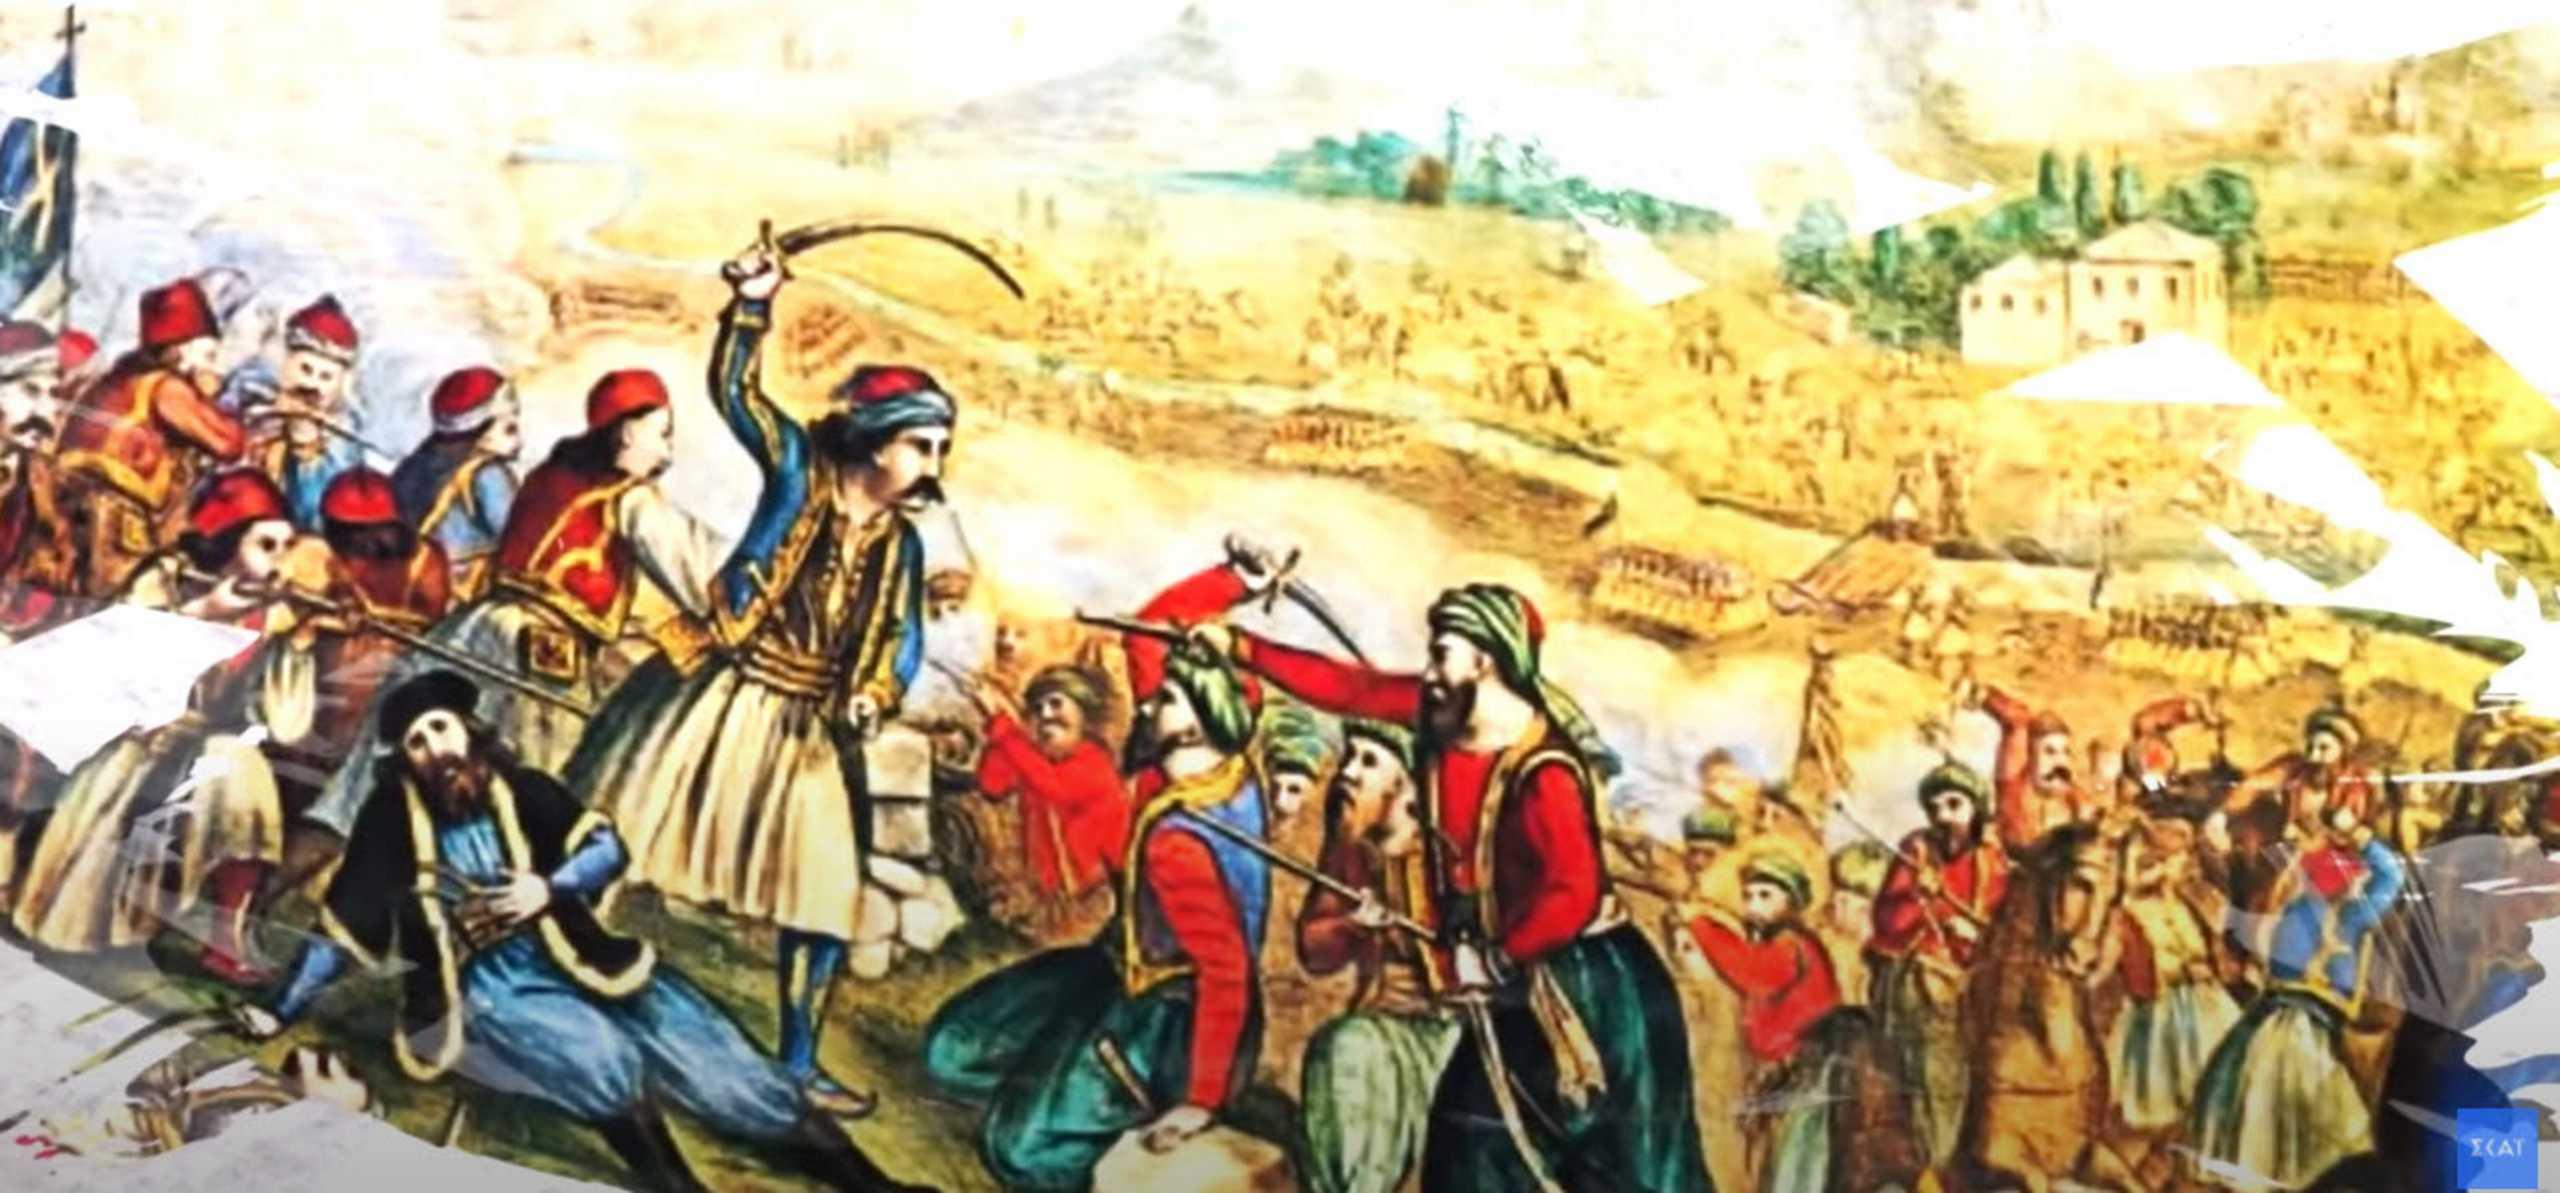 Το πρόγραμμα του ΣΚΑΪ αφιερωμένο στα 200 χρόνια από την Ελληνική Επανάσταση